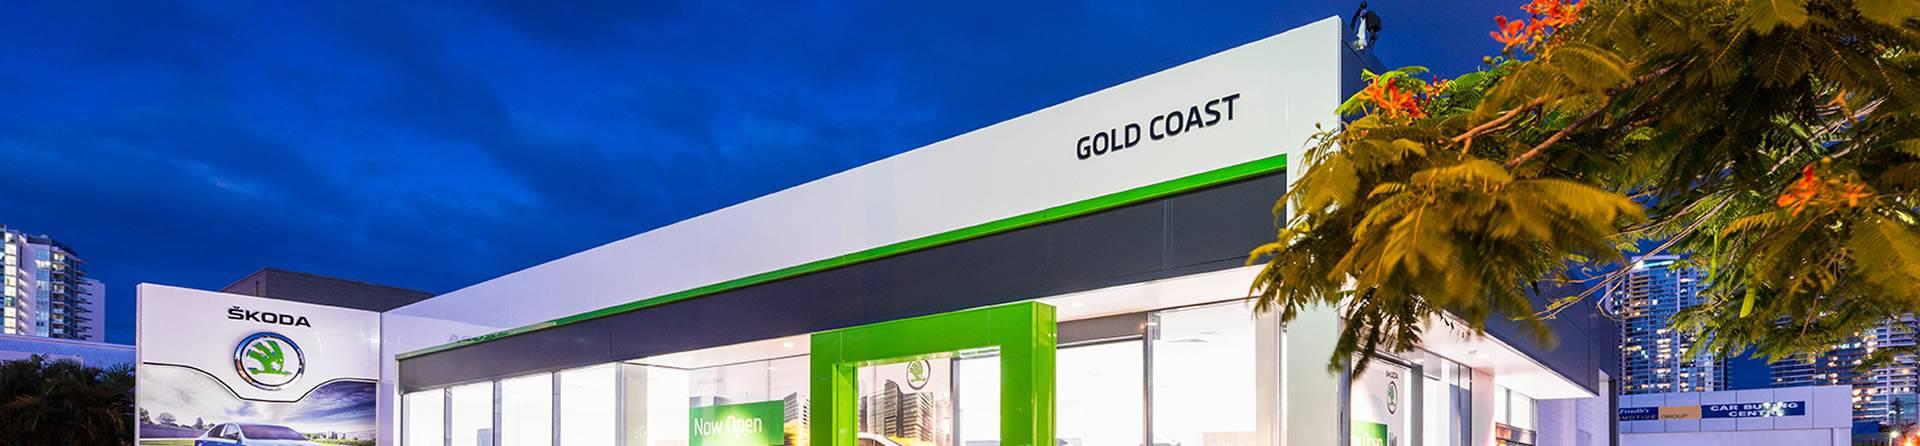 Gold Coast Skoda